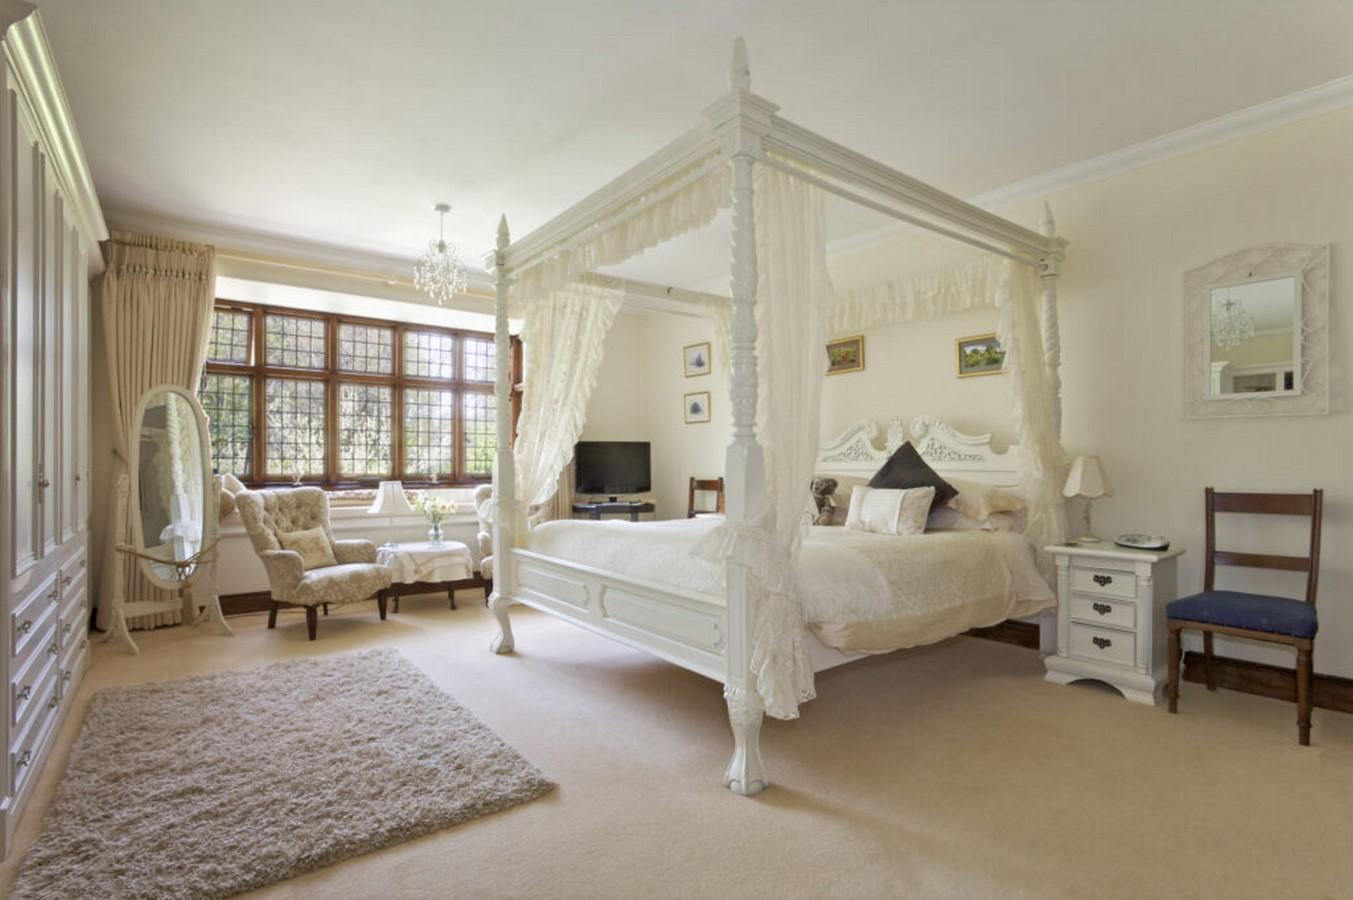 vintage inspired homes, vintage homes, architectural works - Sheet4